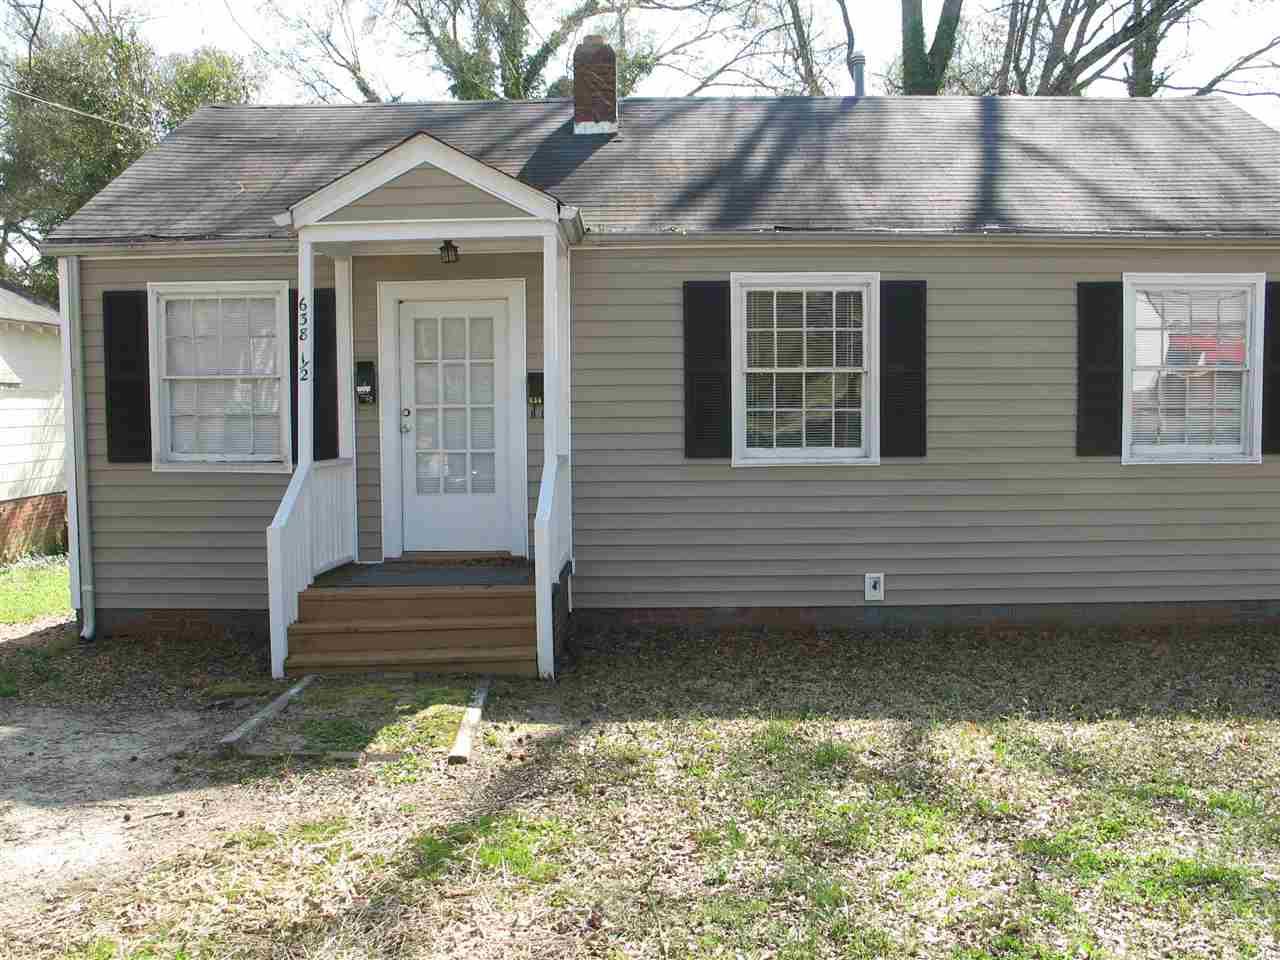 Multi Family for Sale, ListingId:32483087, location: 638 & 638 1/2 E Black Rock Hill 29730